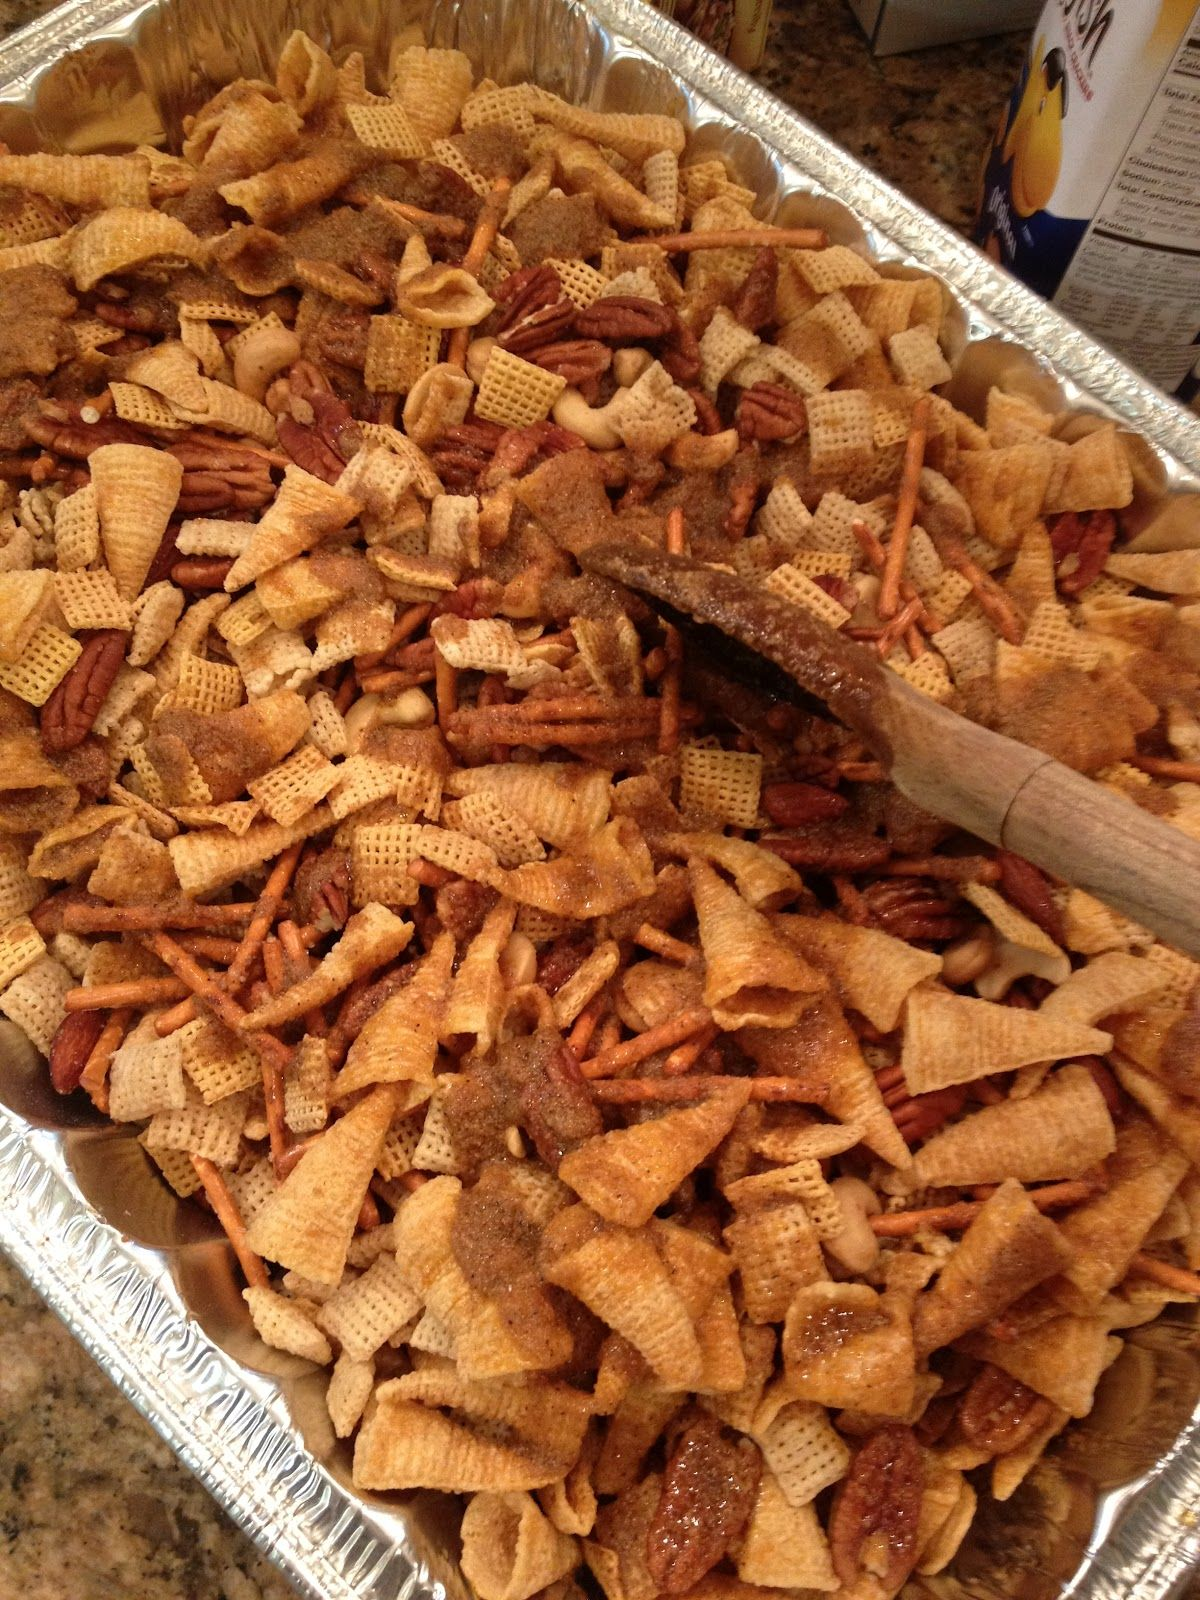 Texas Trash: 14 oz Rice Chex cerea,l 14 oz Corn Chex cereal